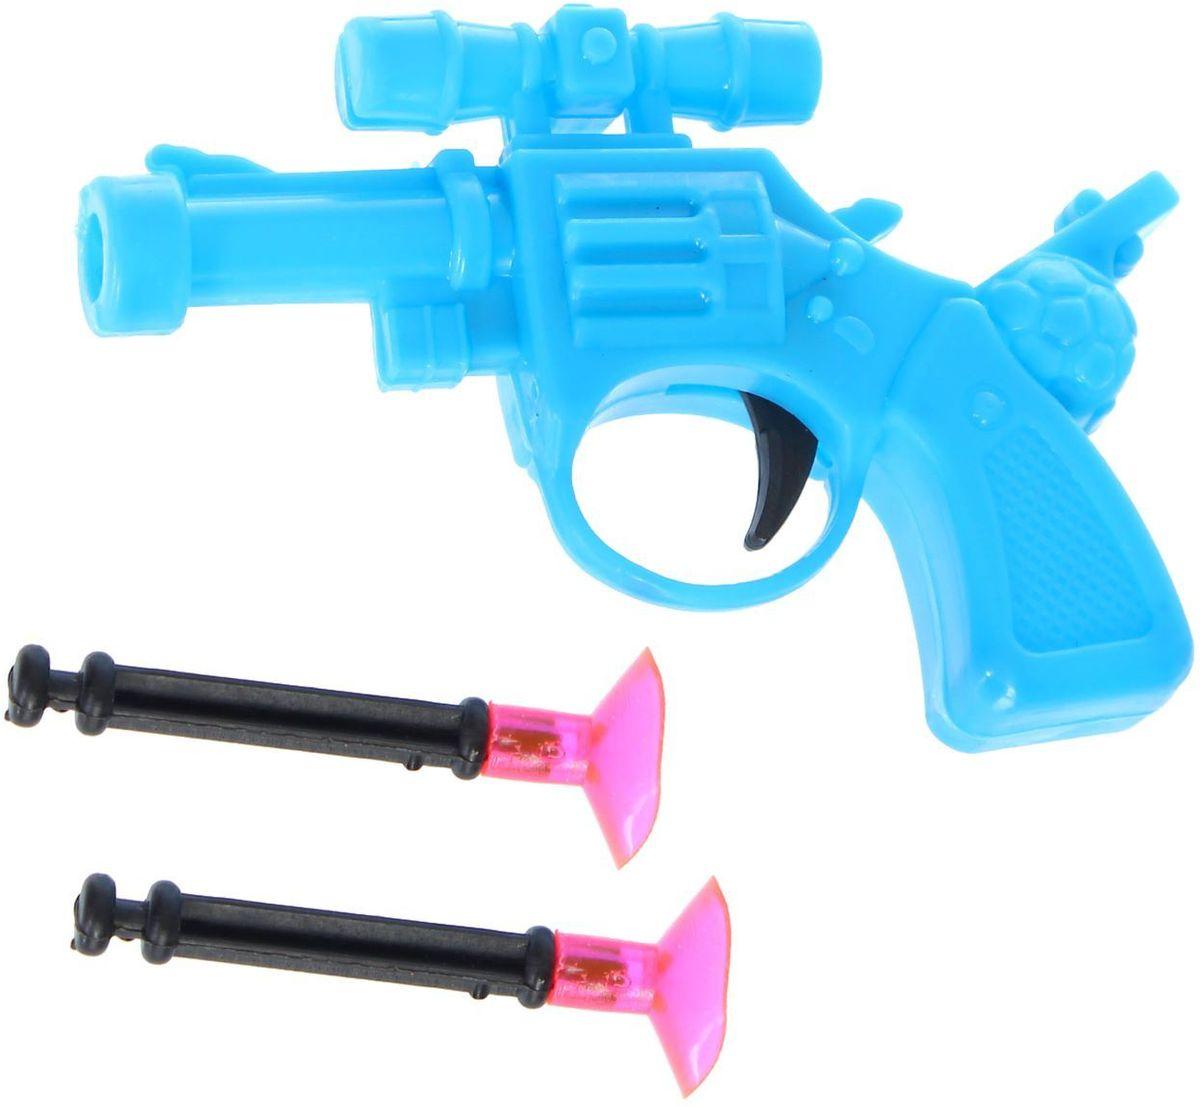 Sima-land Стрелялка Пистолет 1660815, Развлекательные игрушки  - купить со скидкой